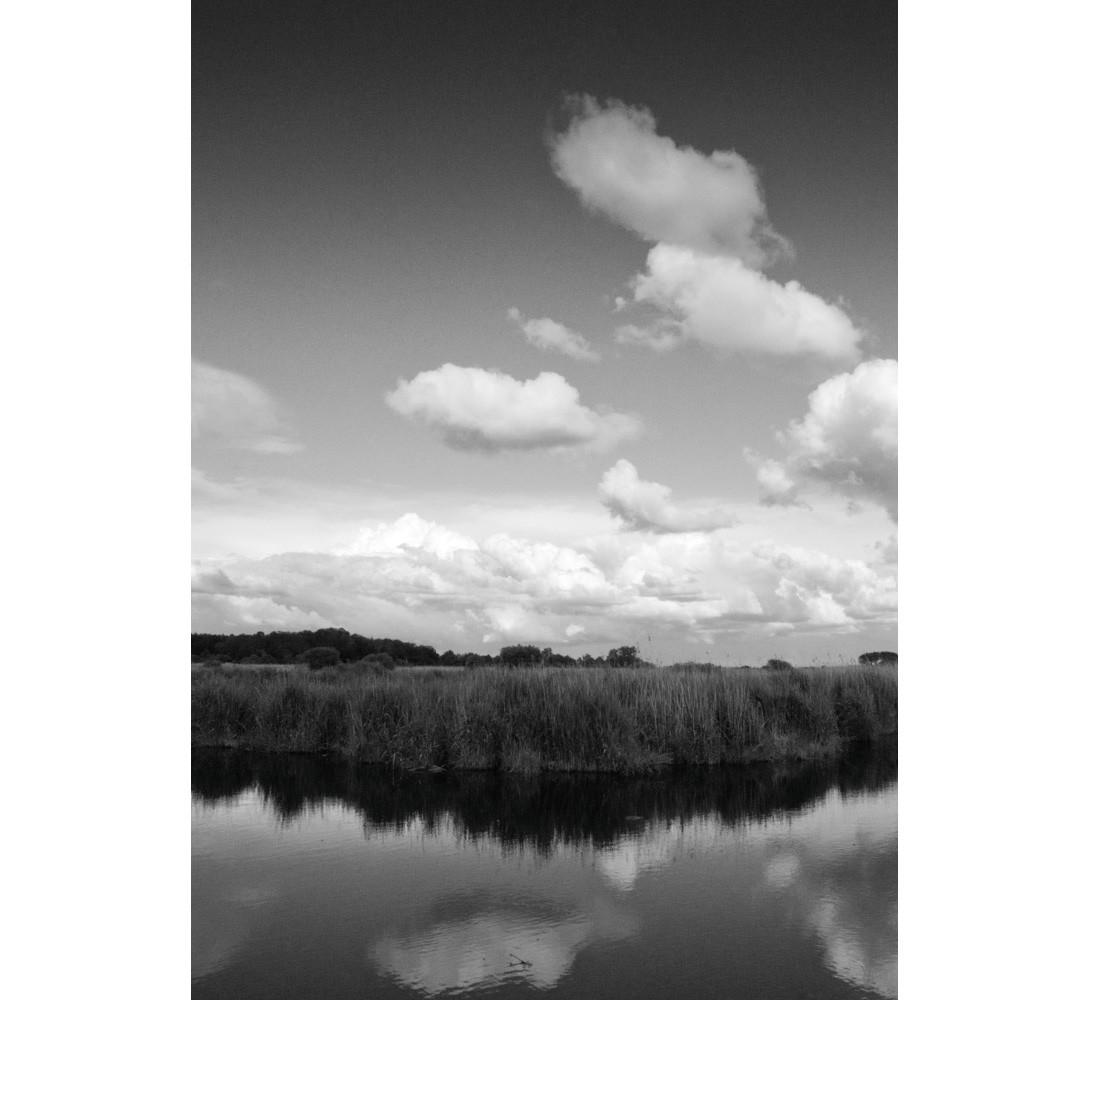 Brière © Photographie : Michel Ducrot